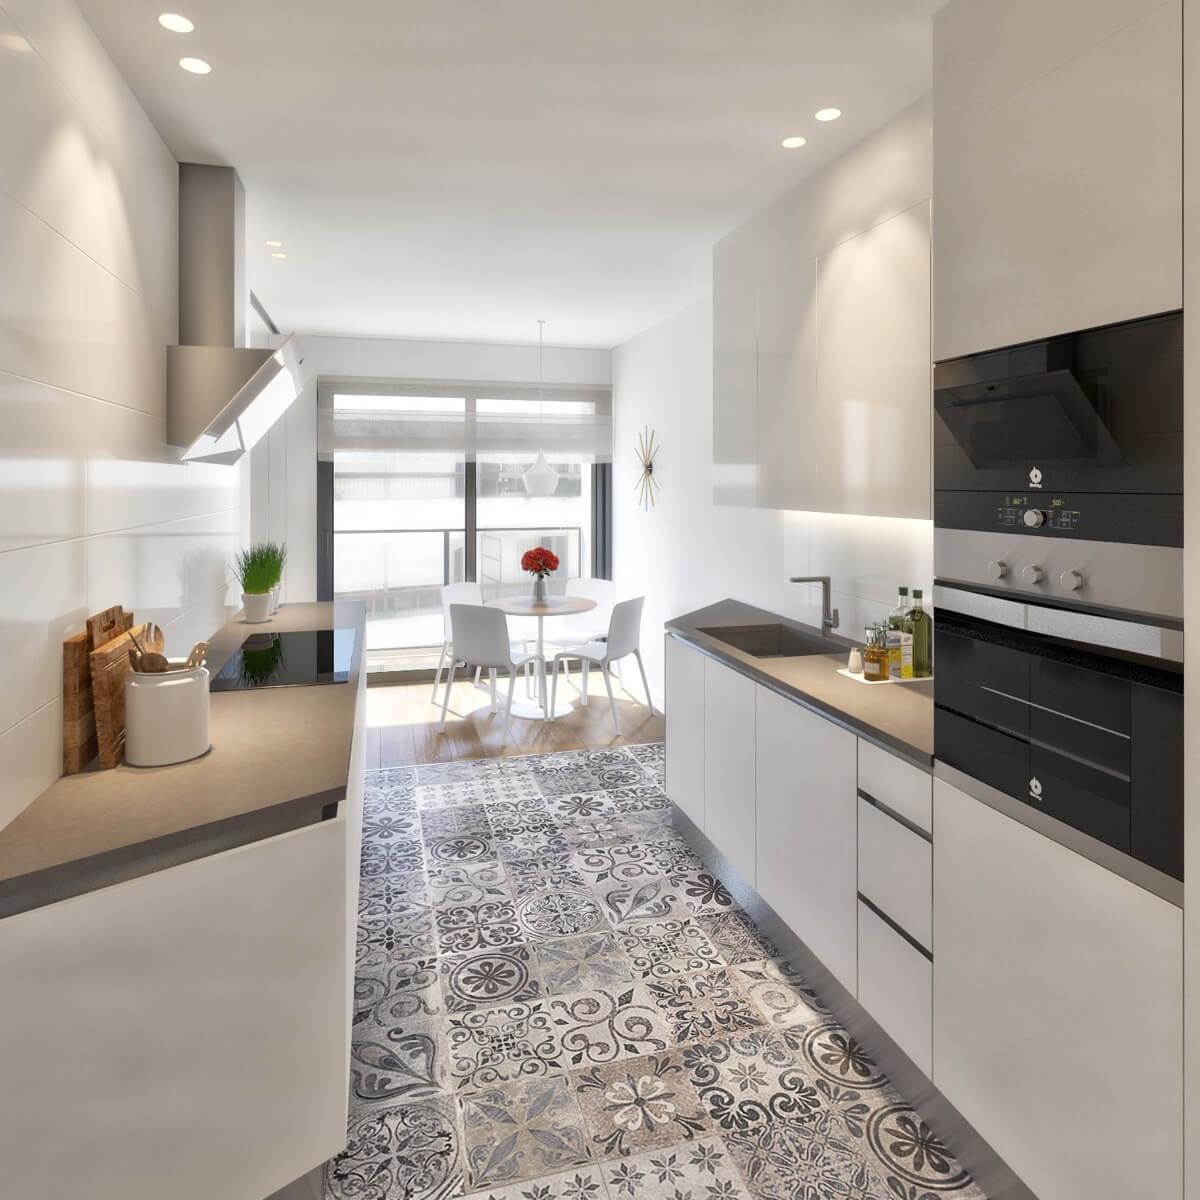 Render interior de la cocina del Edificio Pintor Lorenzo Casanova. Destacan las tonalidades blancas, las luminarias y el pavimento de baldosas hidráulicas.